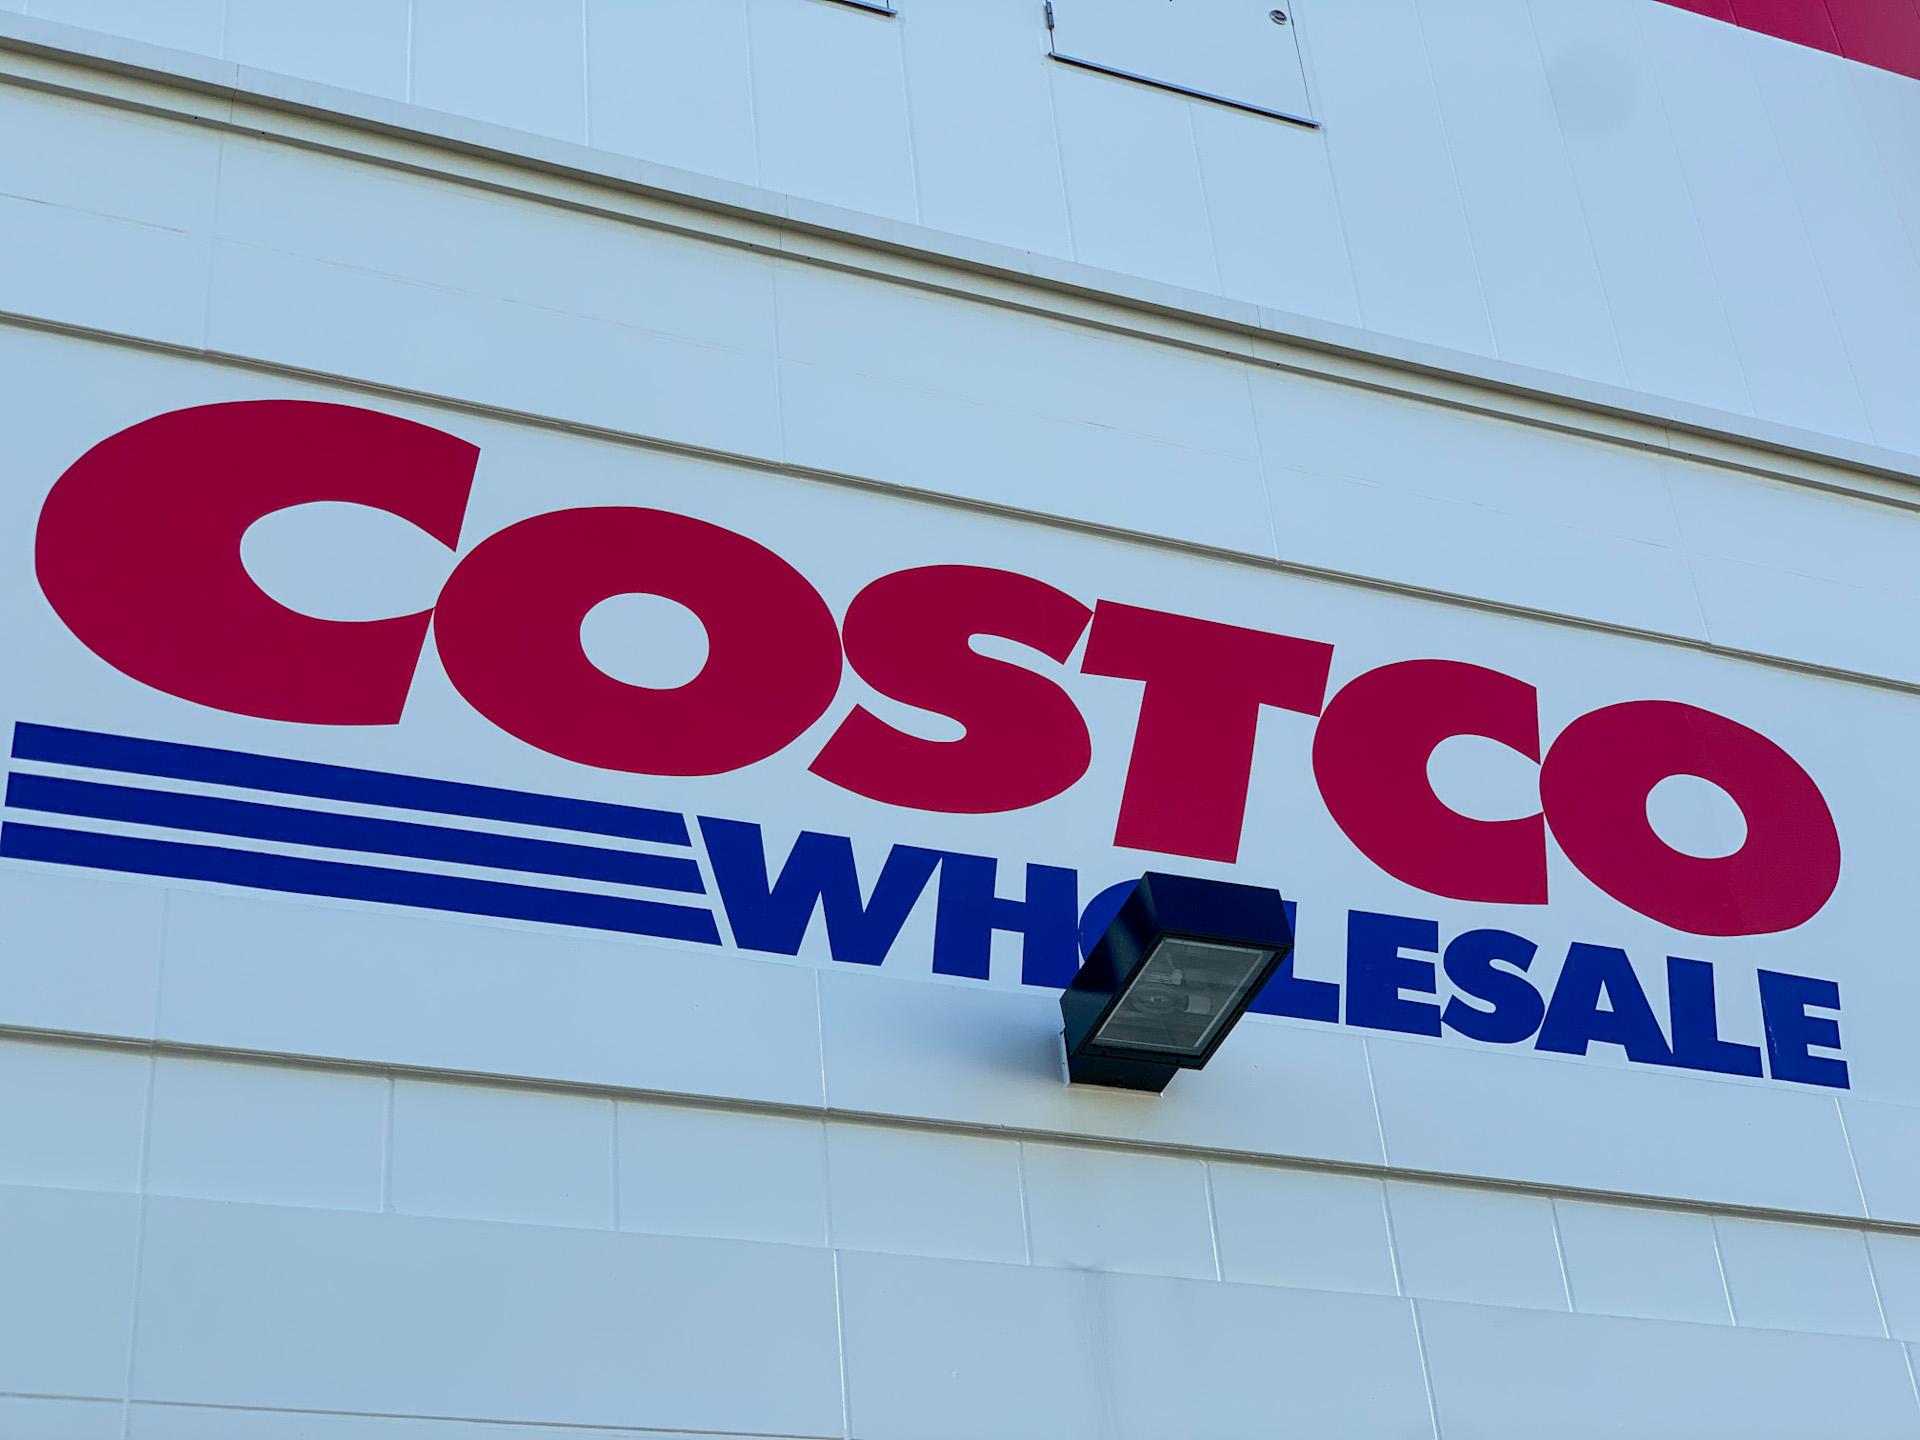 コストコのヨーグルトがコスパ最高!人気のオイコスなど種類も豊富!